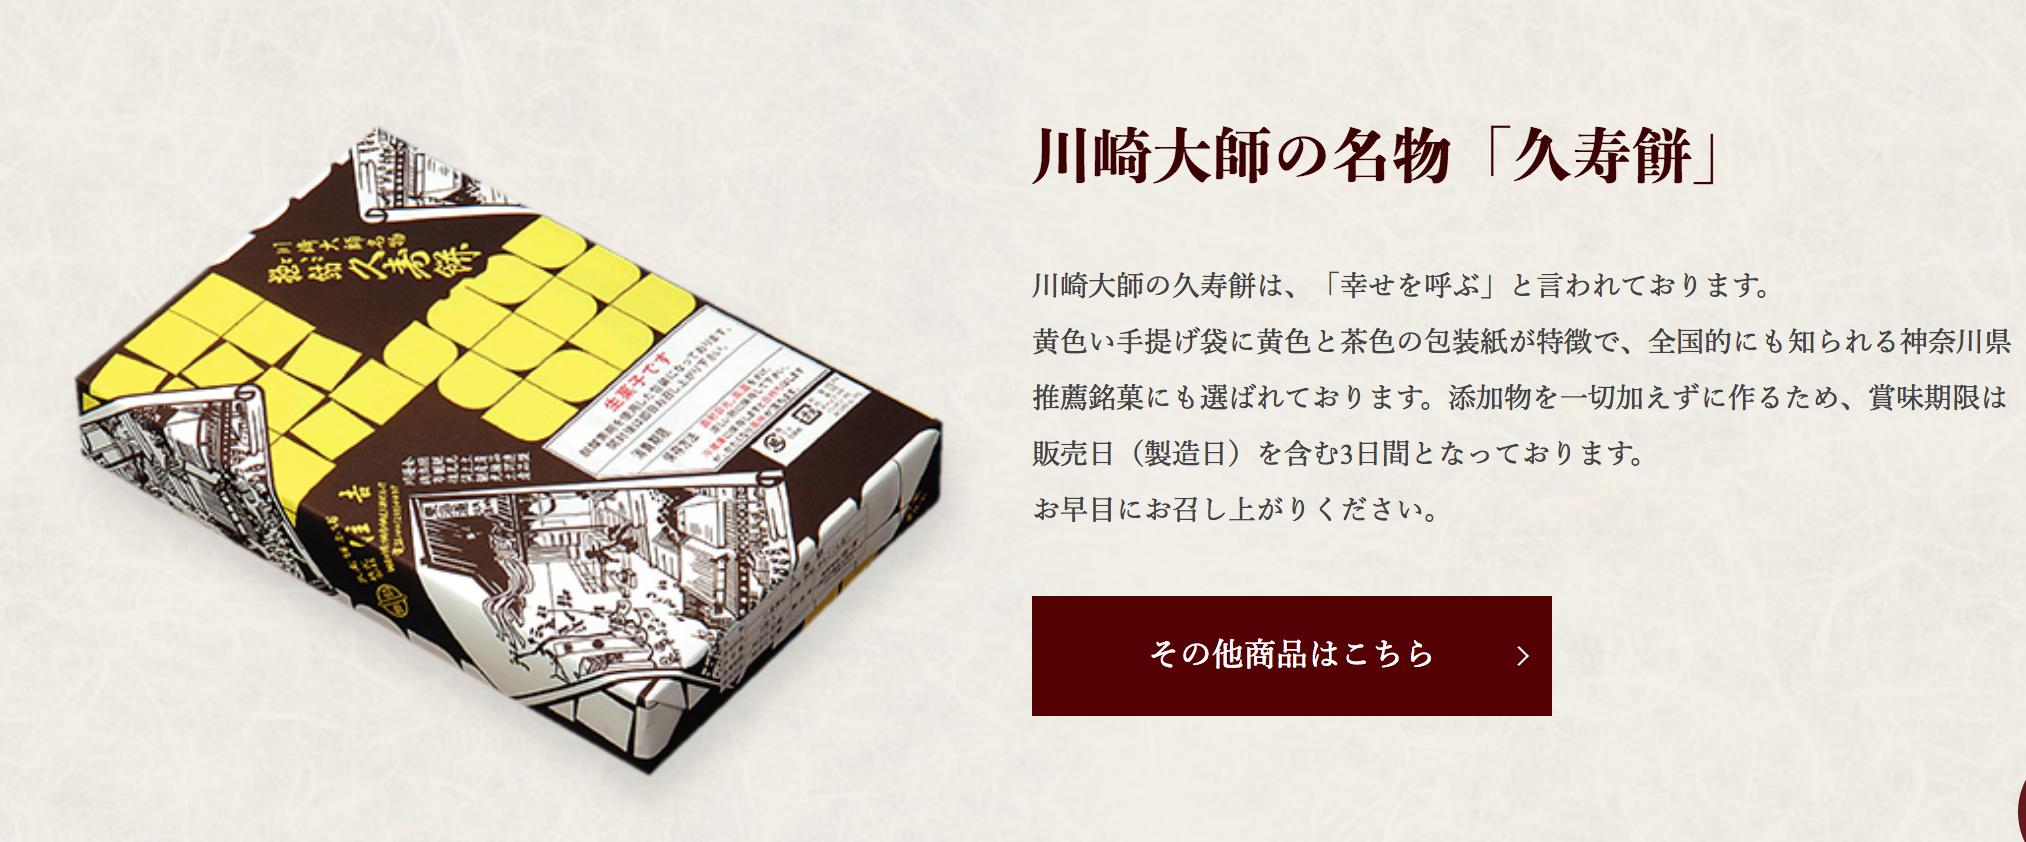 川崎大師 久寿餅